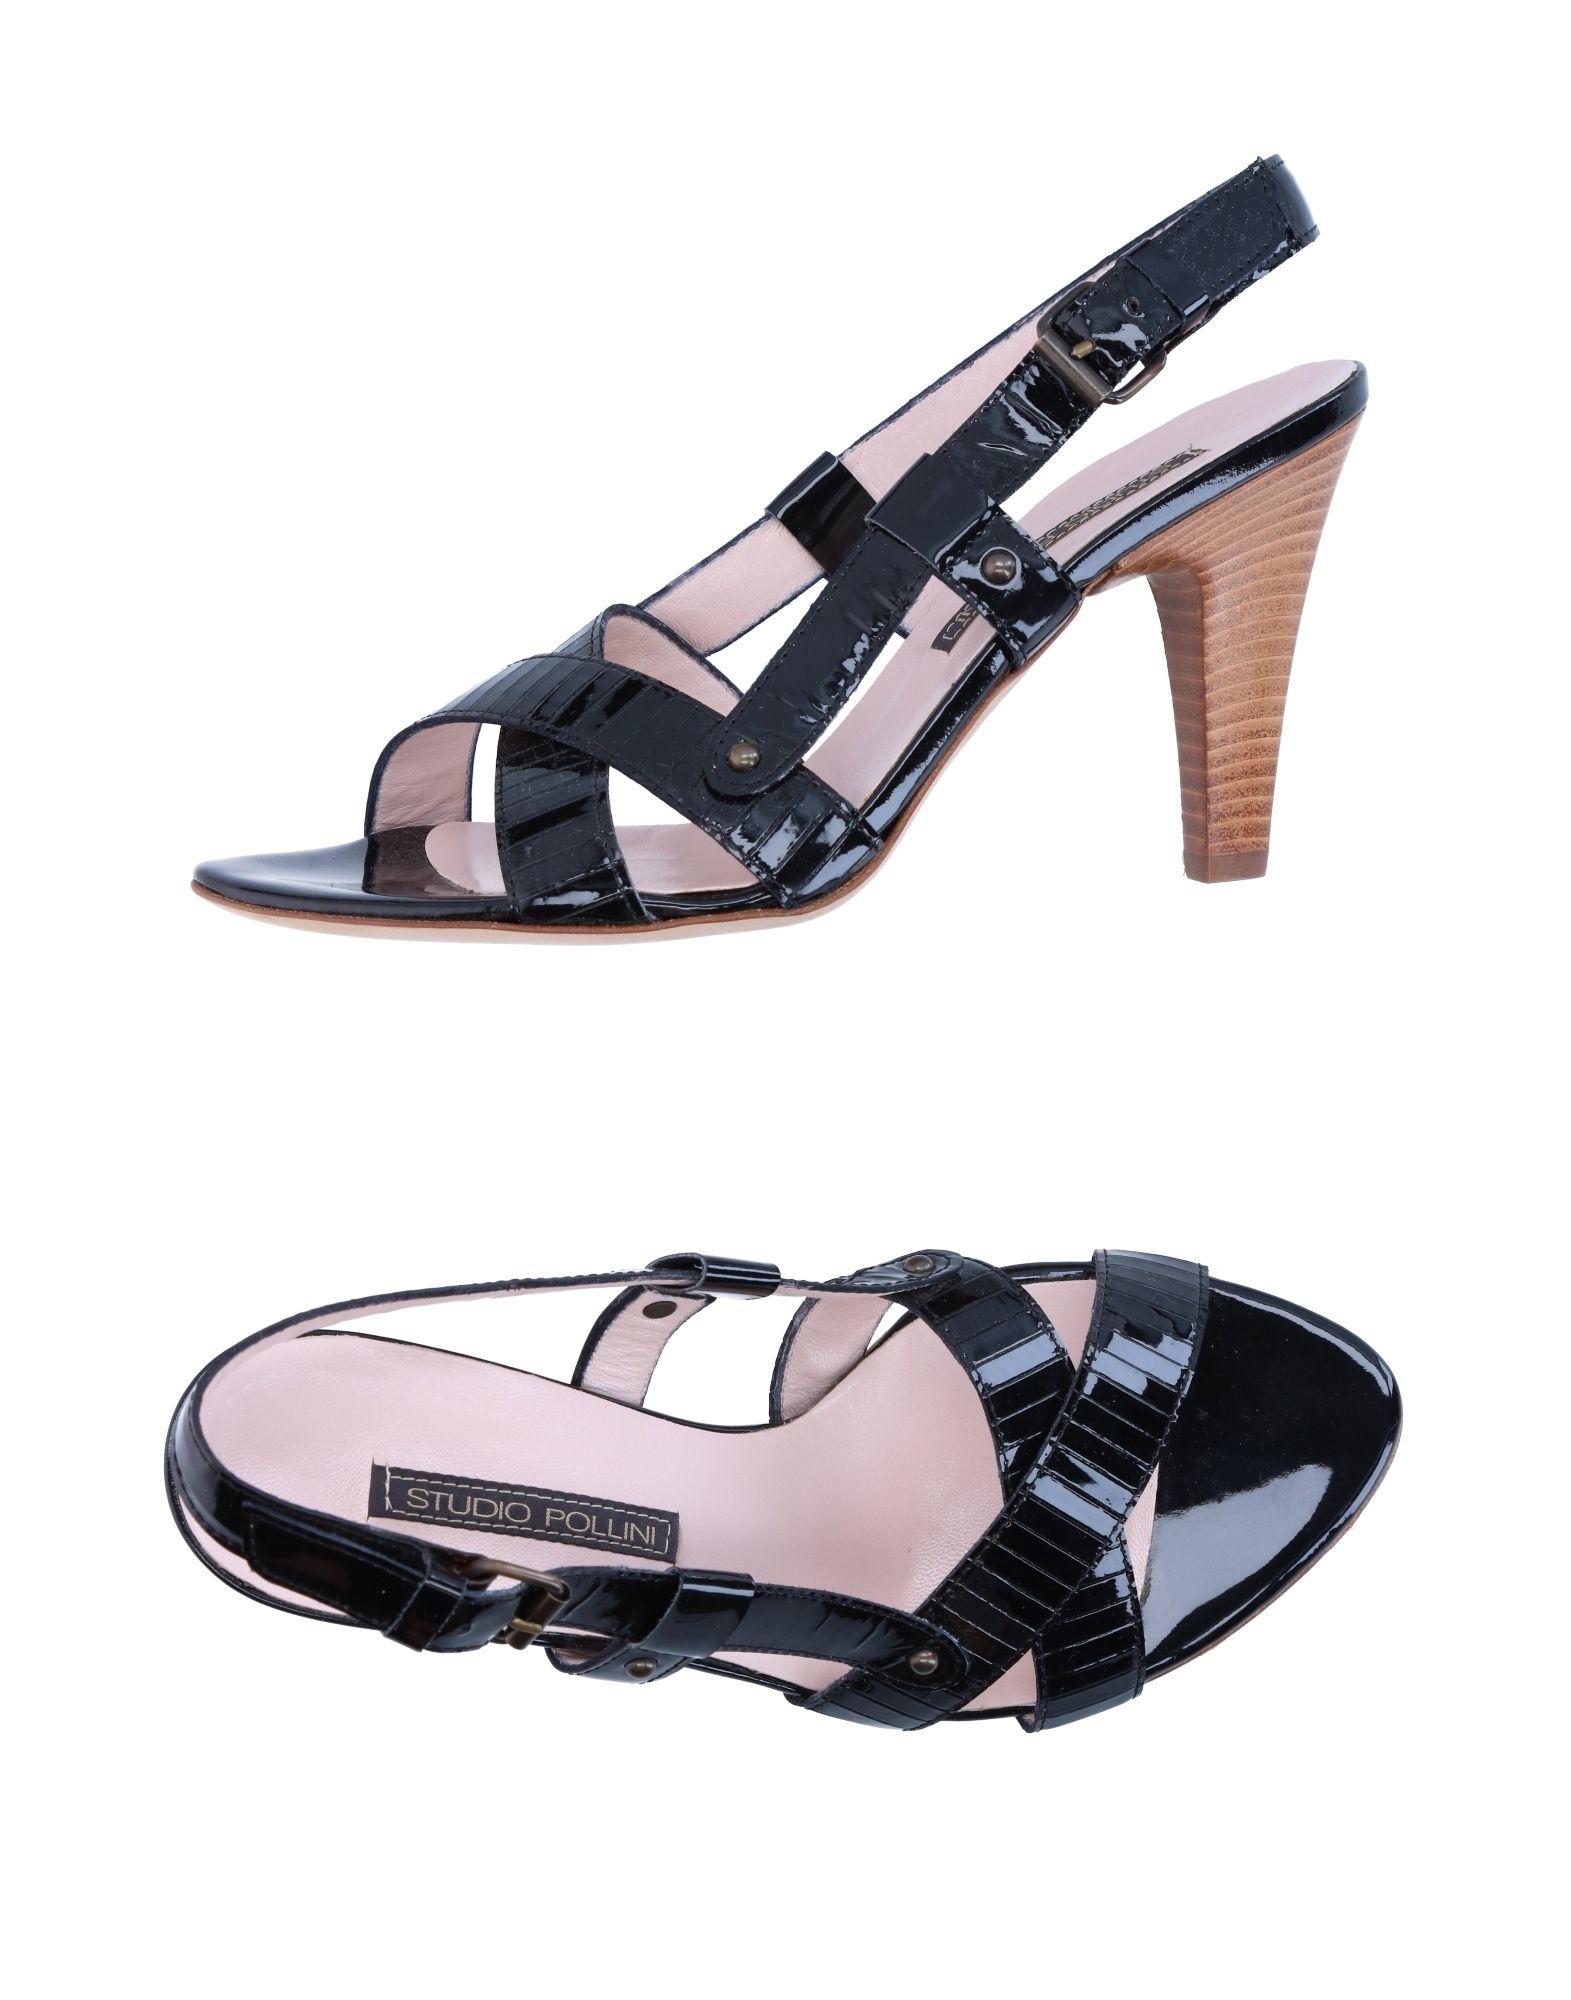 Studio Pollini Sandalen Damen  11273779LR Gute Qualität beliebte Schuhe